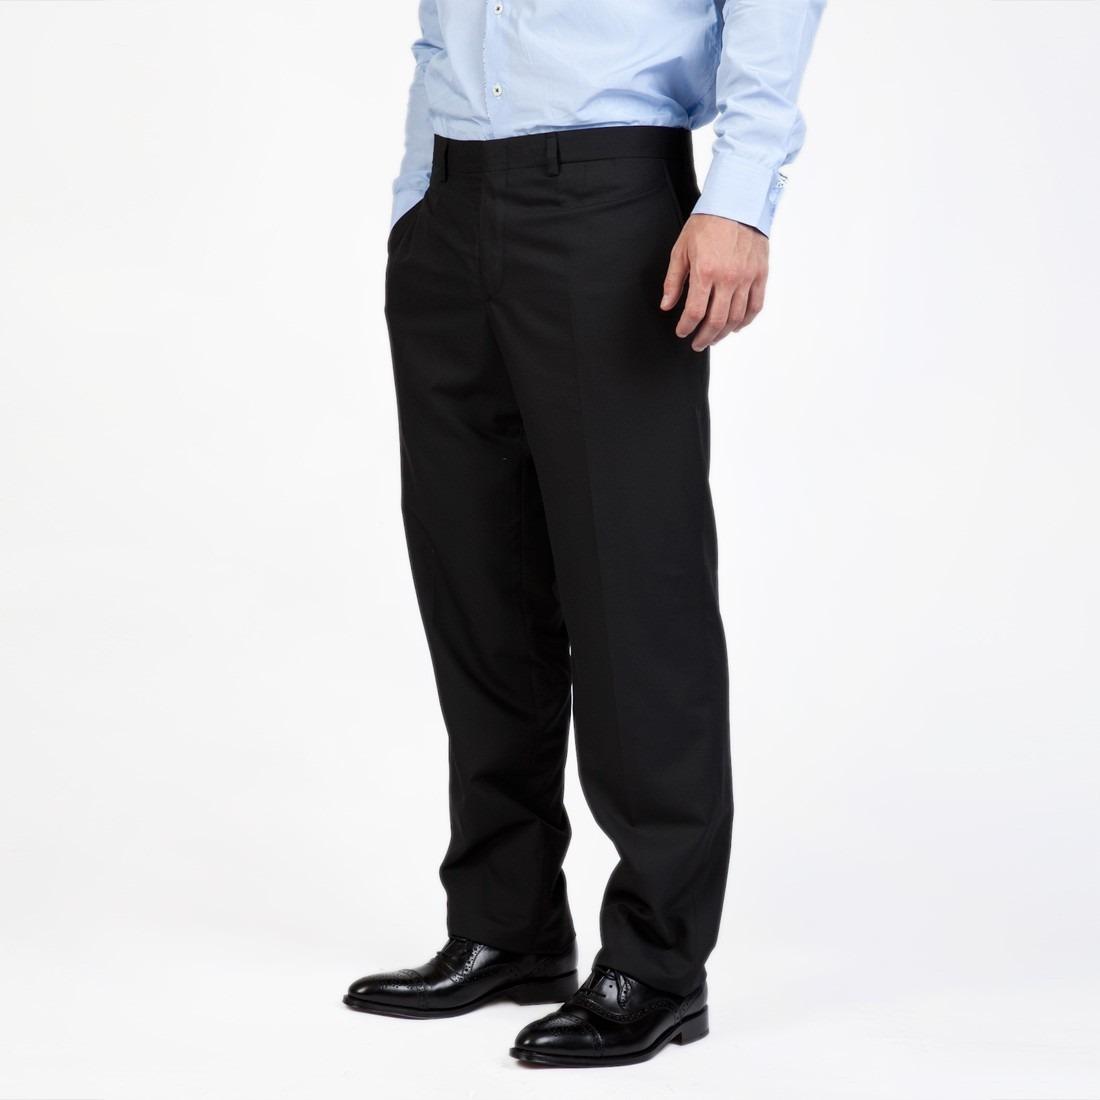 2797d38296 pantalon de vestir hombre camisas y uniformes para empresa. Cargando zoom.